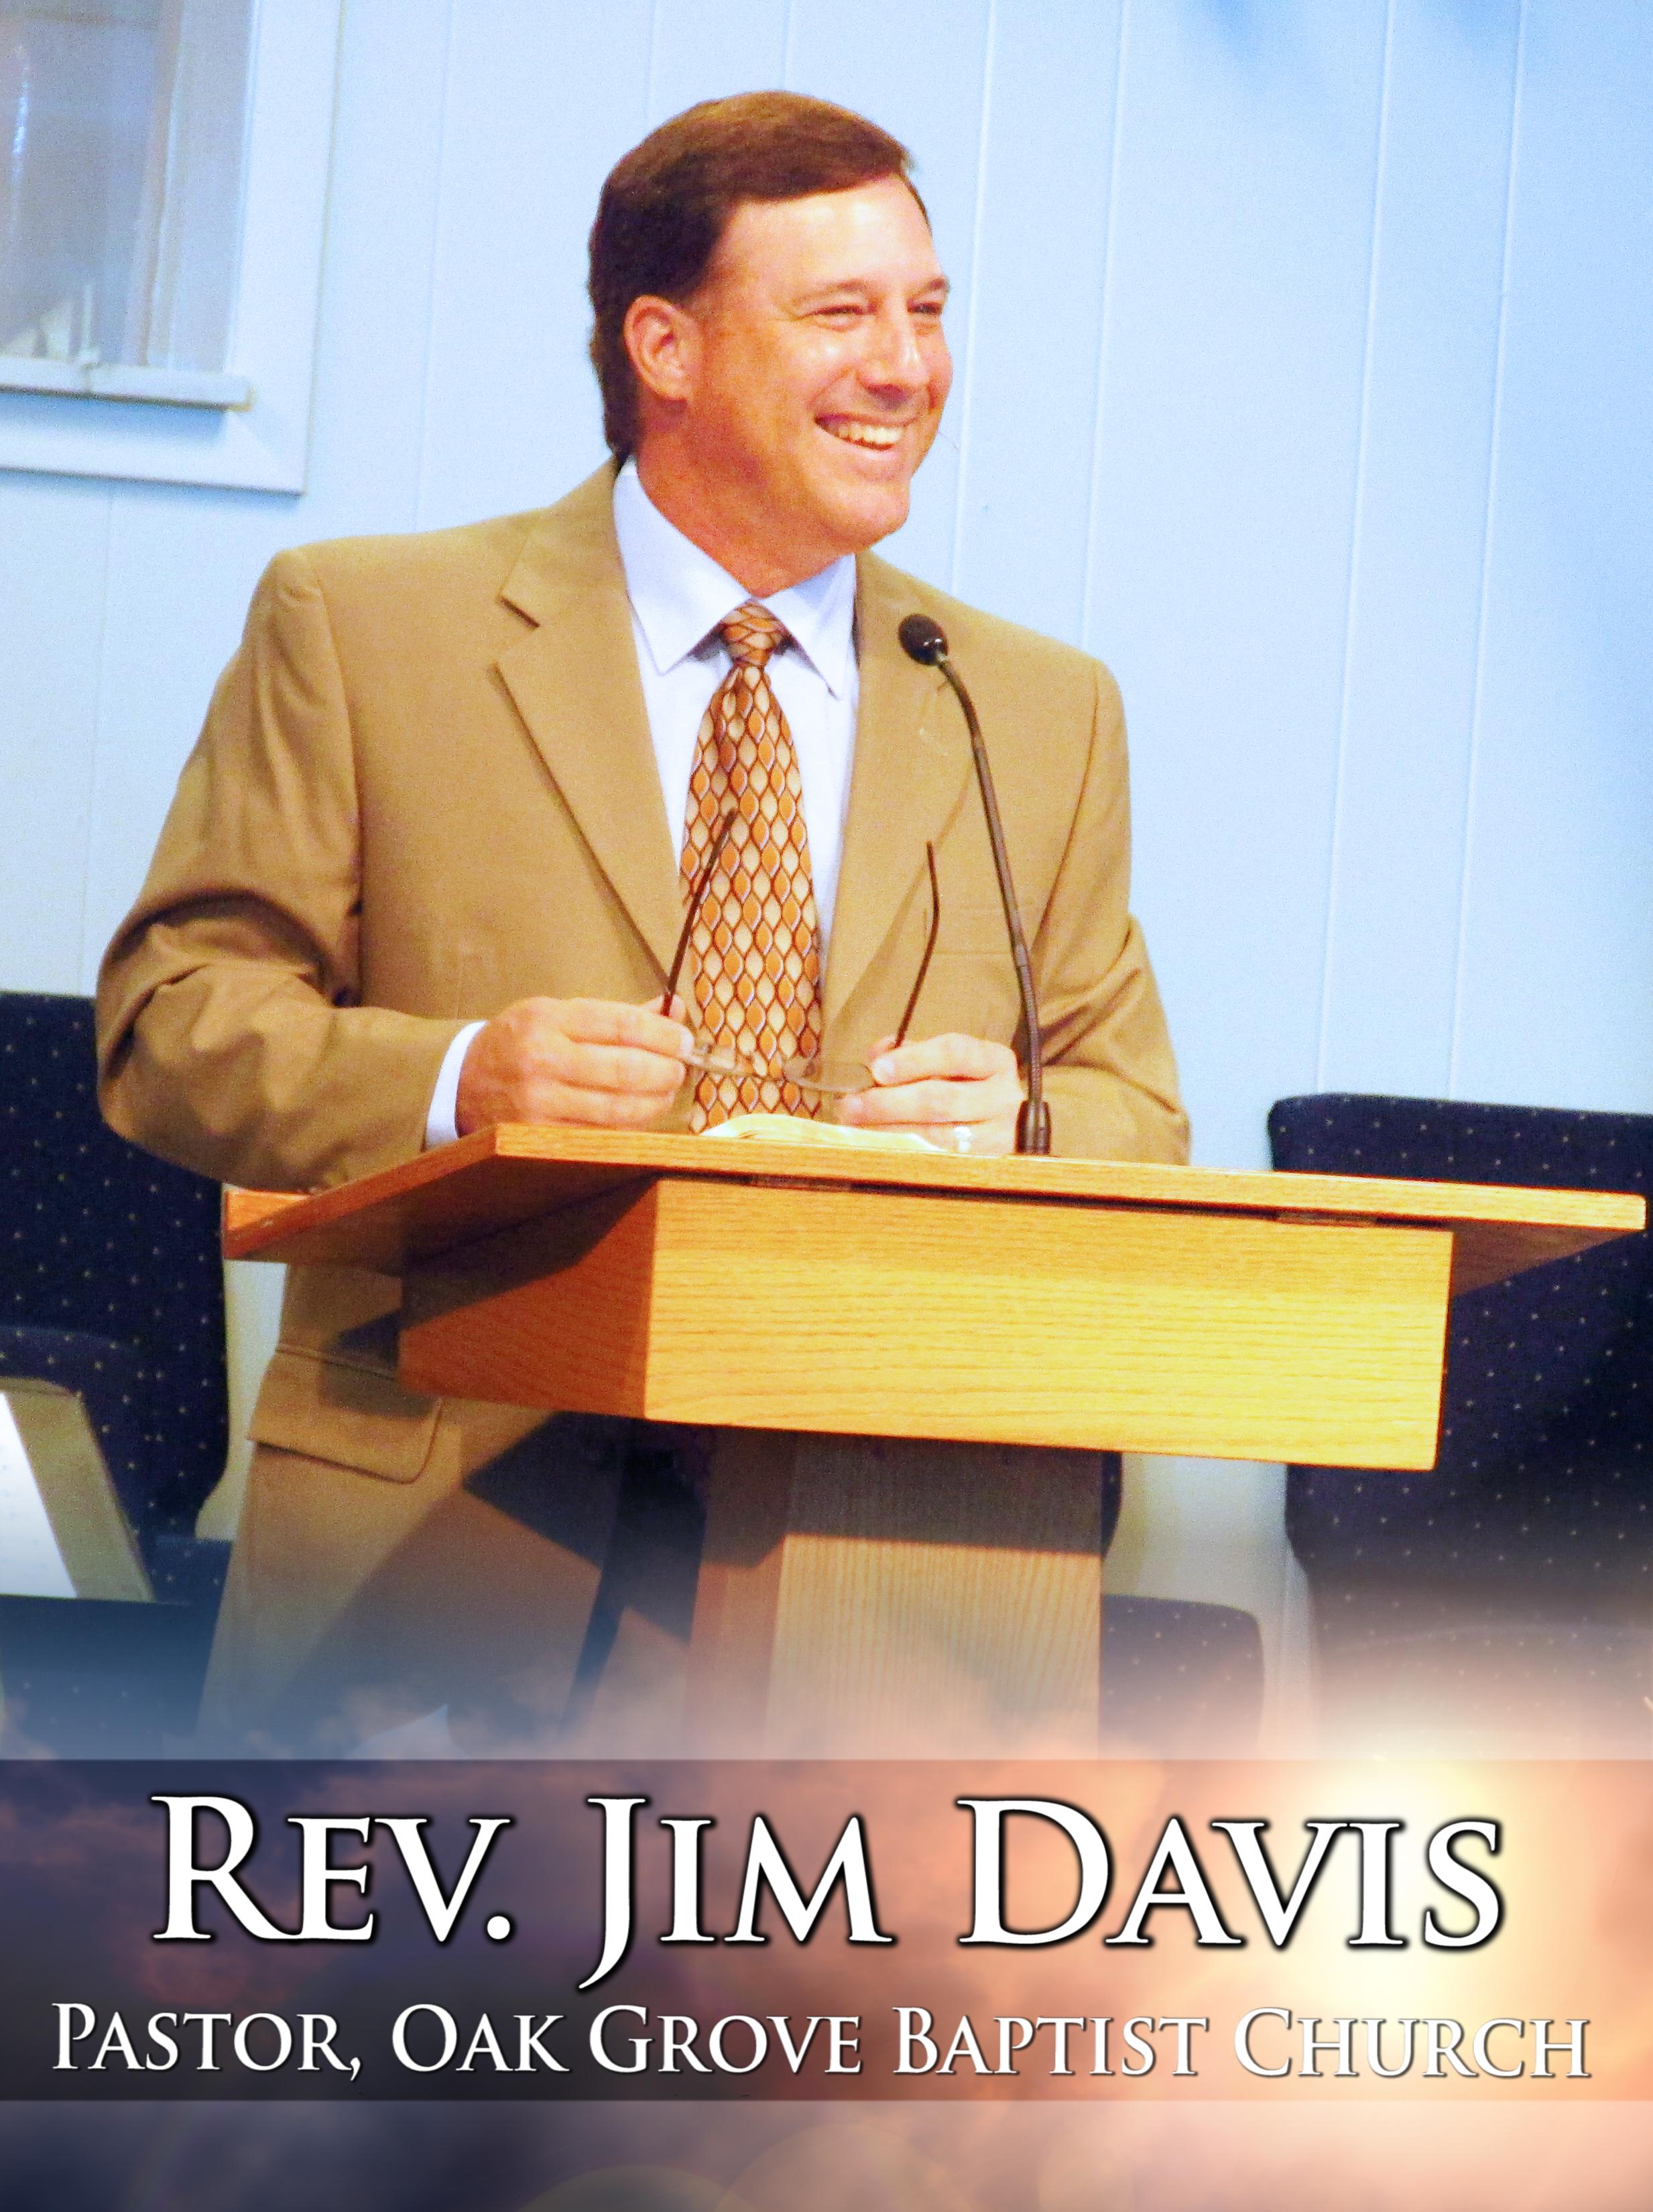 Rev. Jim Davis - Pastor